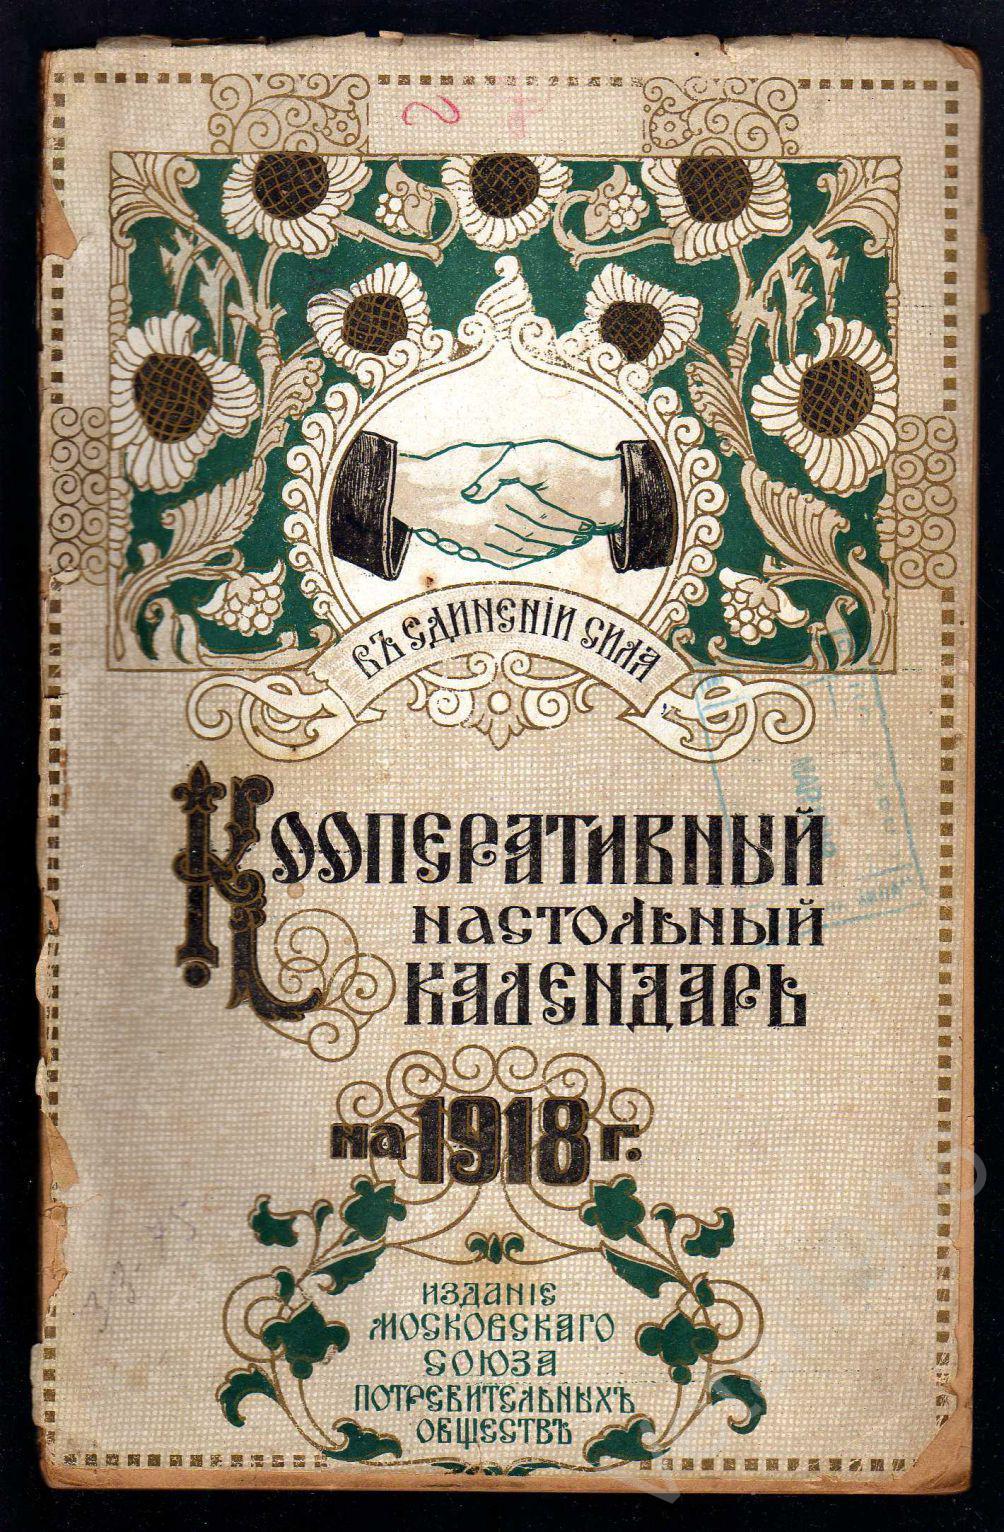 Московский Союз Потребительских Обществ Центросоюз